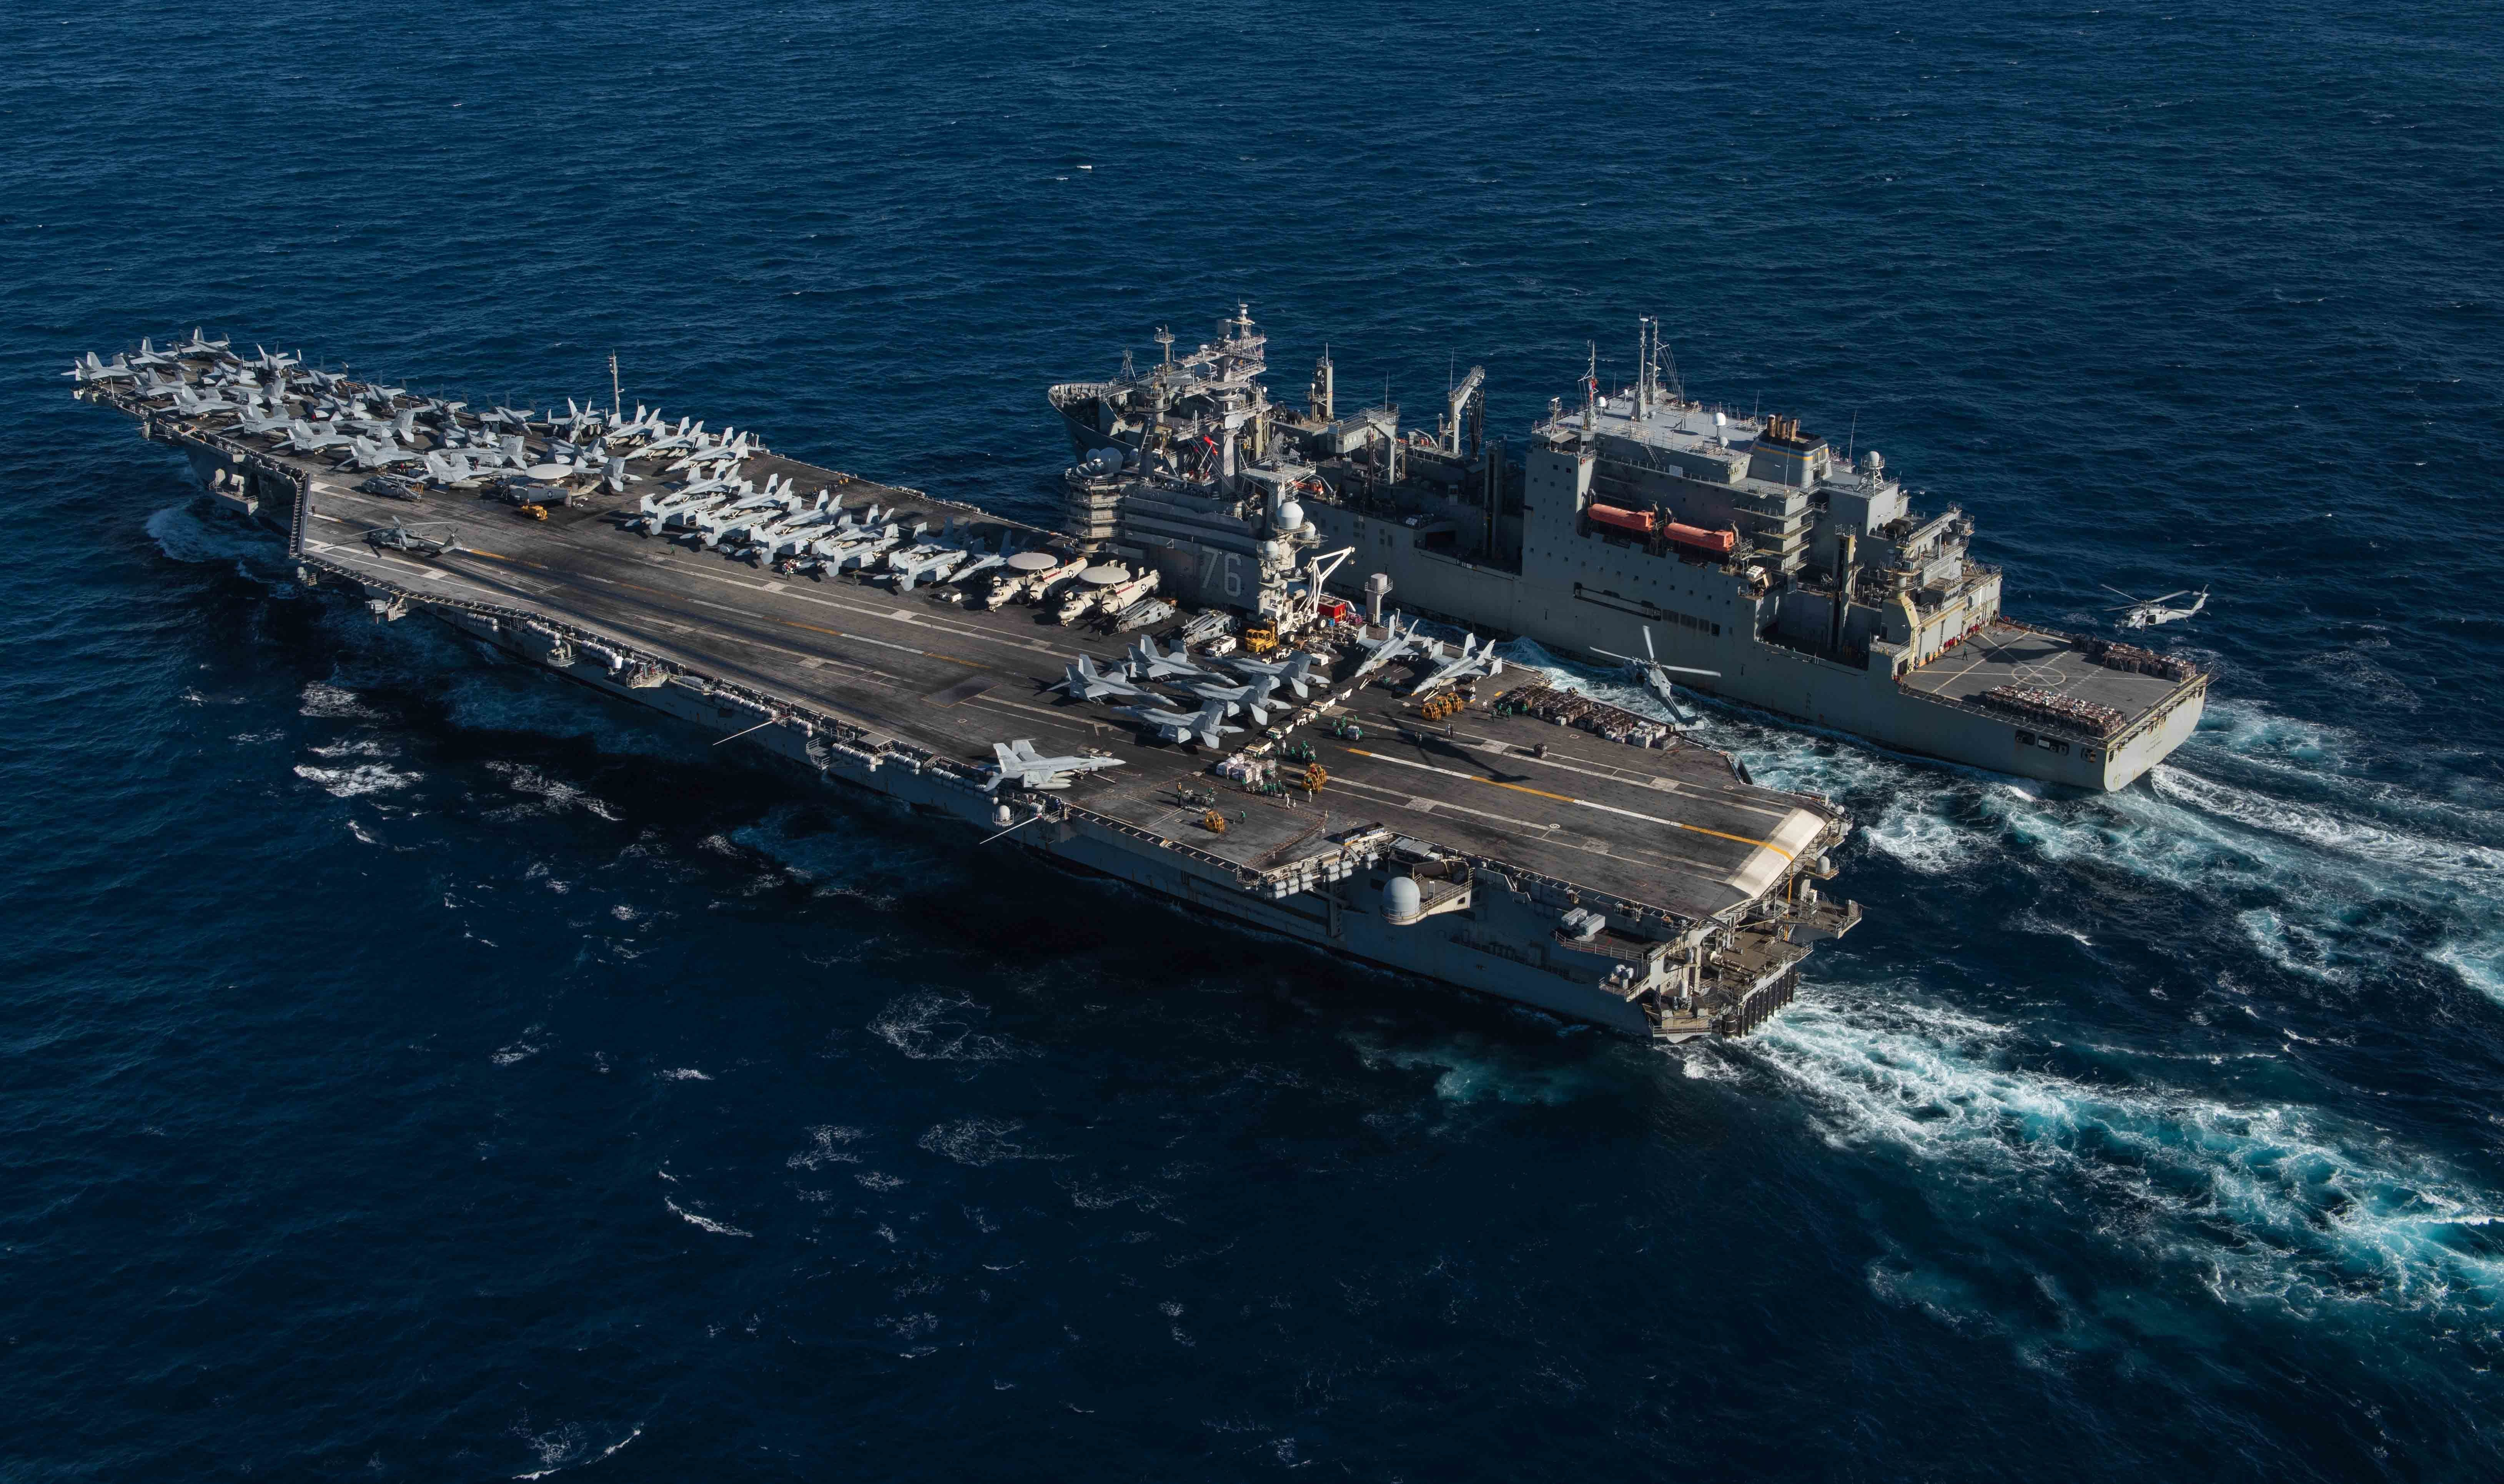 Беспрецедентный рост активности американского флота - 11 авианосцев в море! Дислокация на 17 июля...